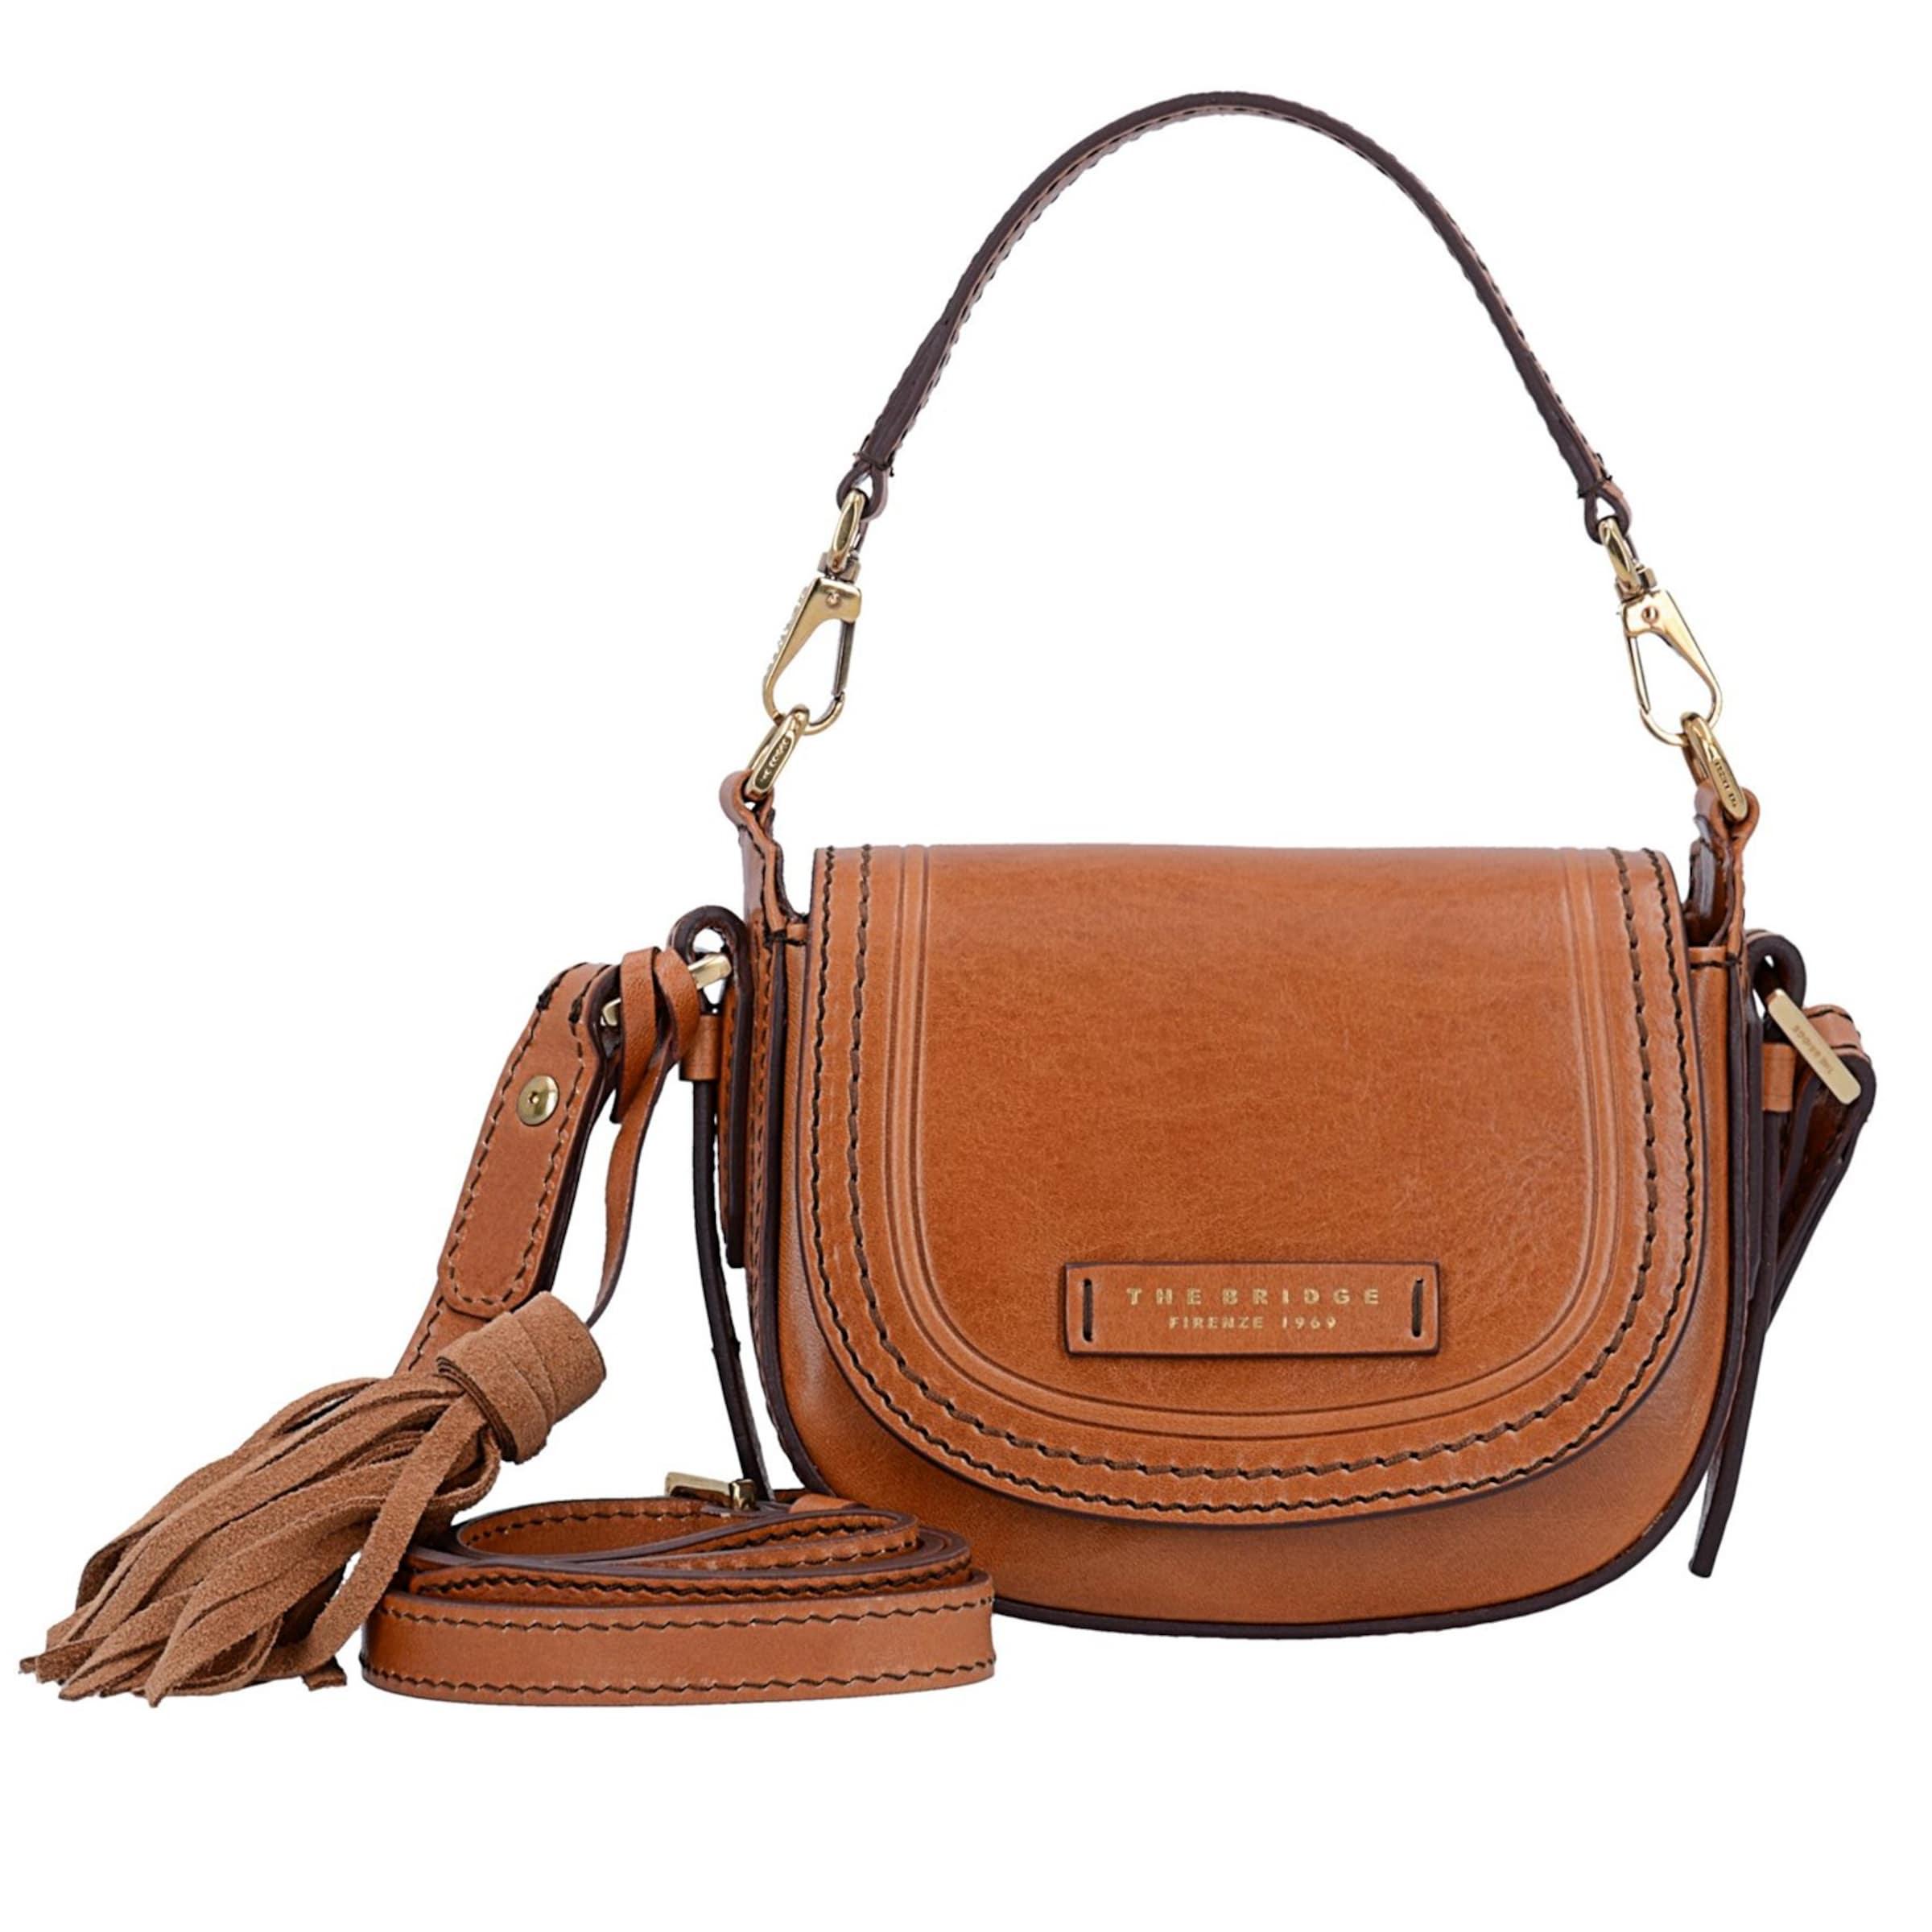 The Bridge Pearldistrict Handtasche Leder 16 cm Verkauf Limitierter Auflage Die Besten Preise Günstig Online Verkauf Sehr Billig 9QOzdOprx